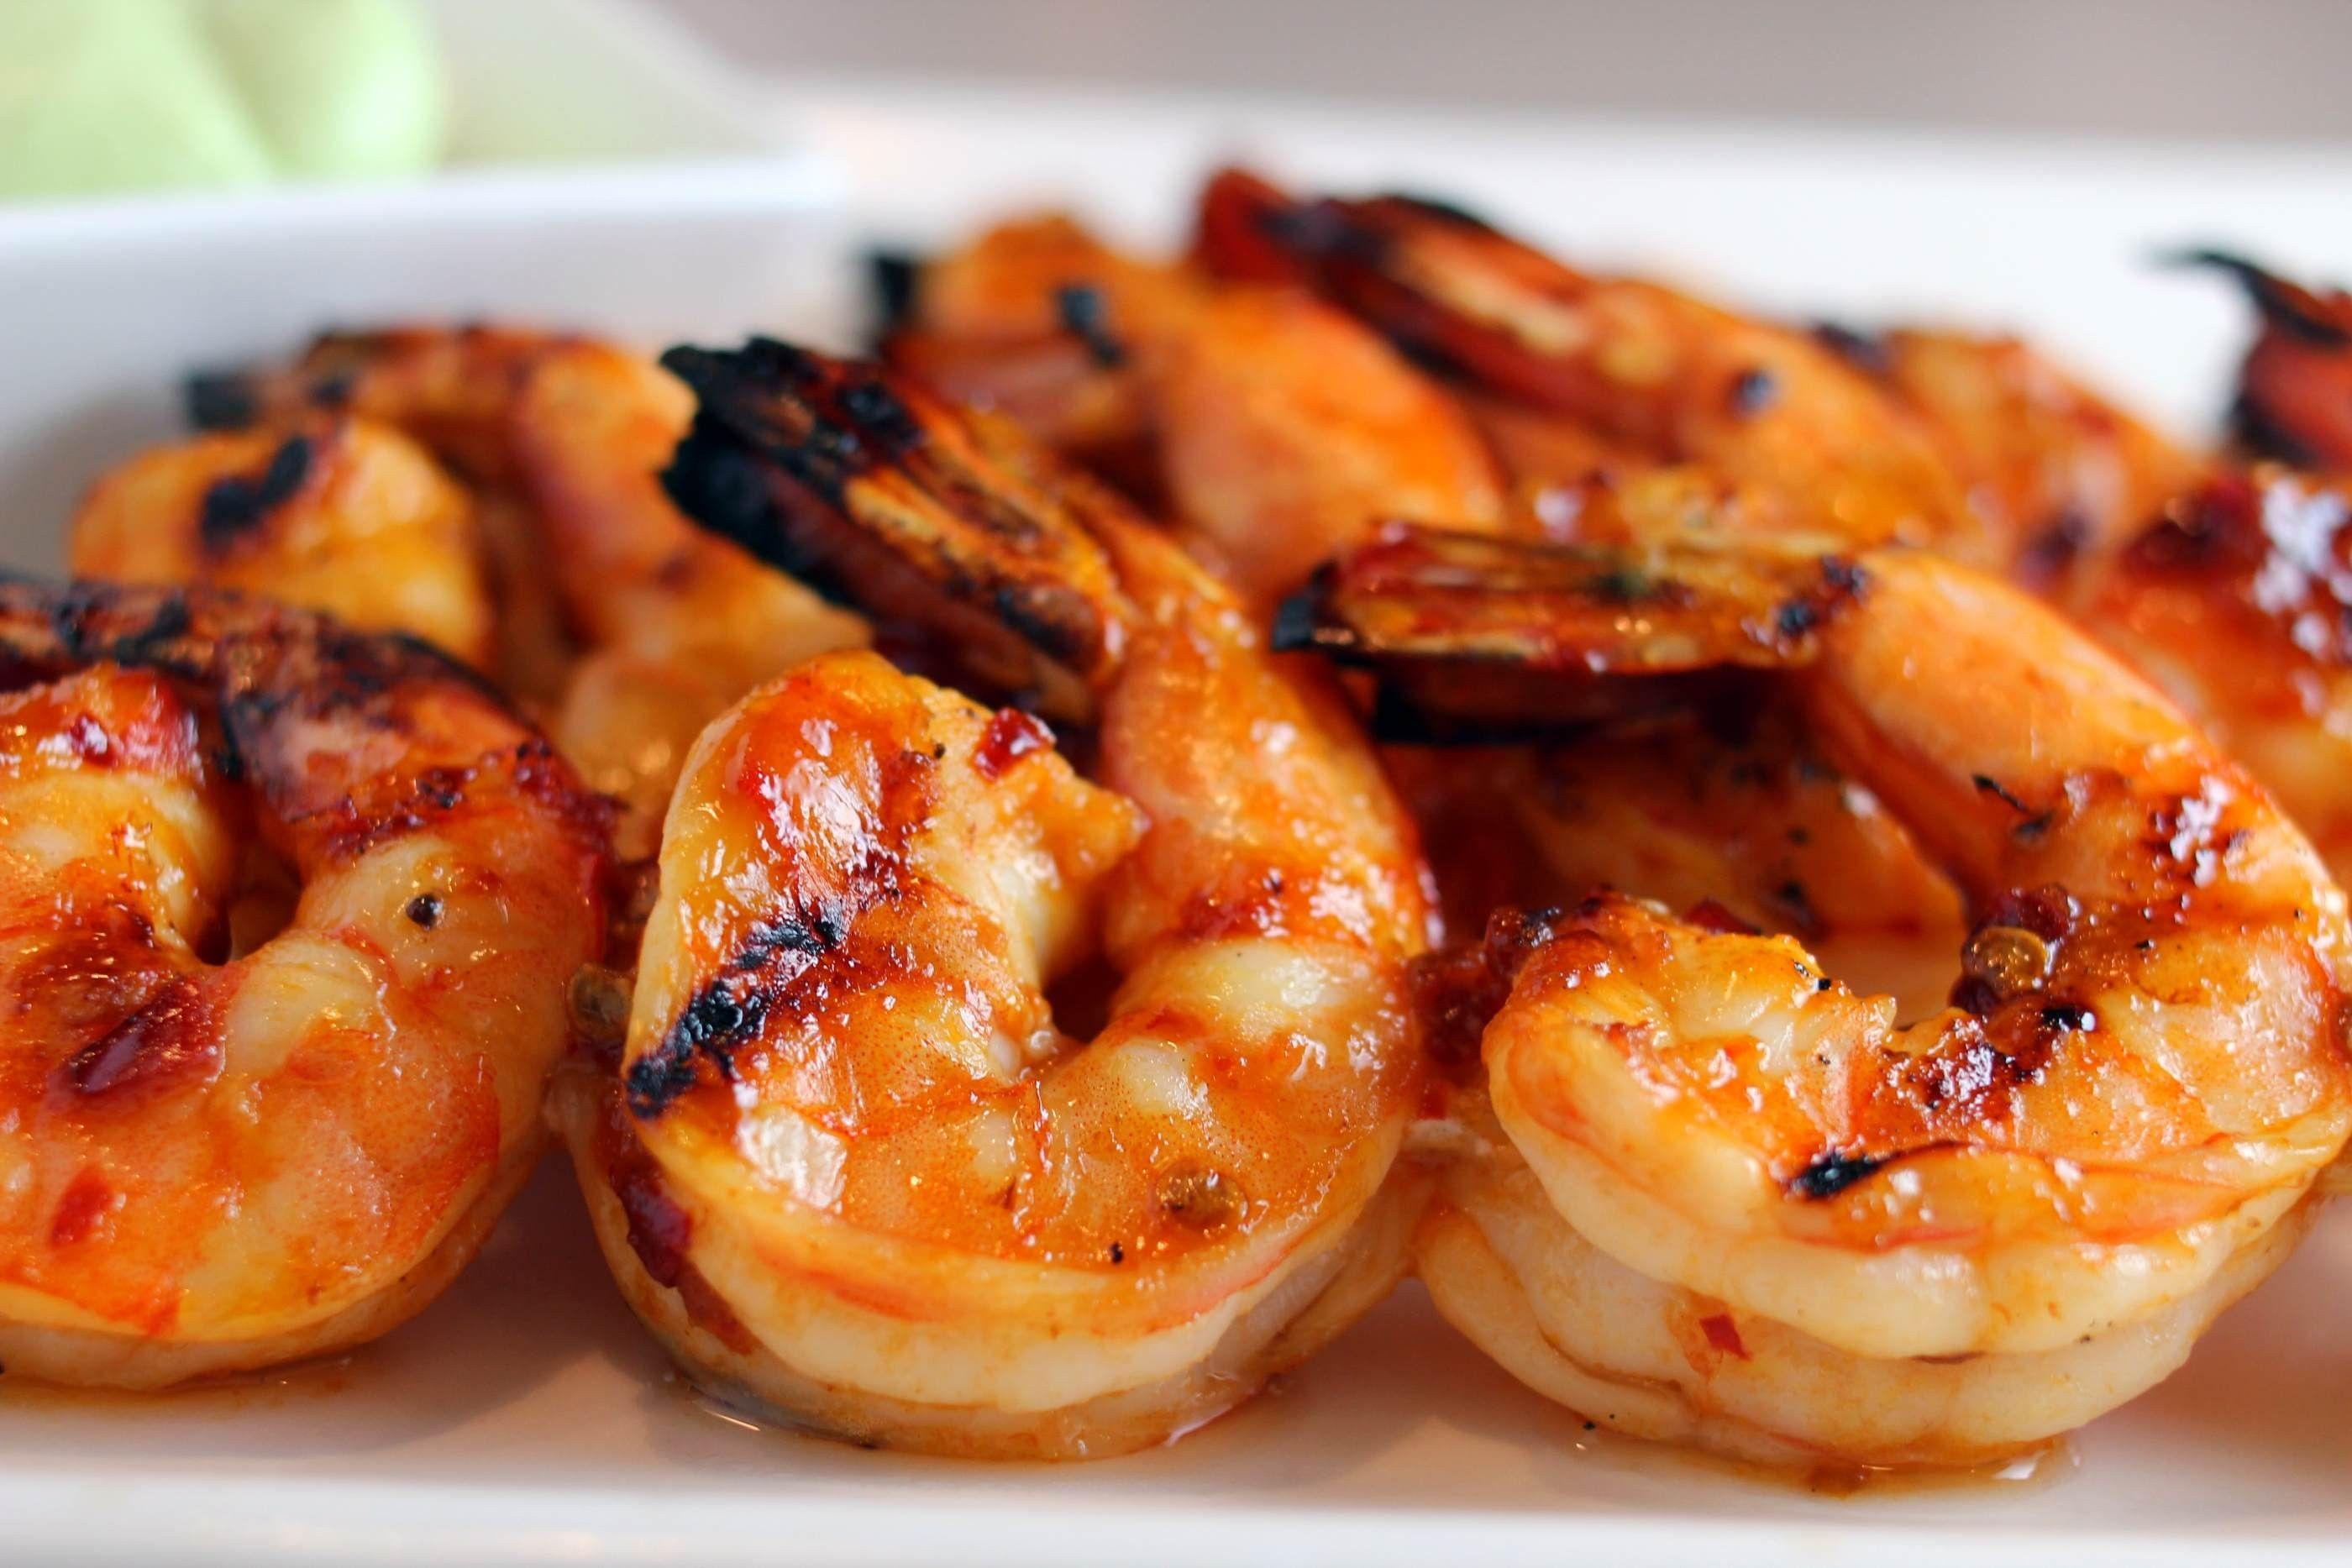 Old Bay & Garlic Grilled Shrimp